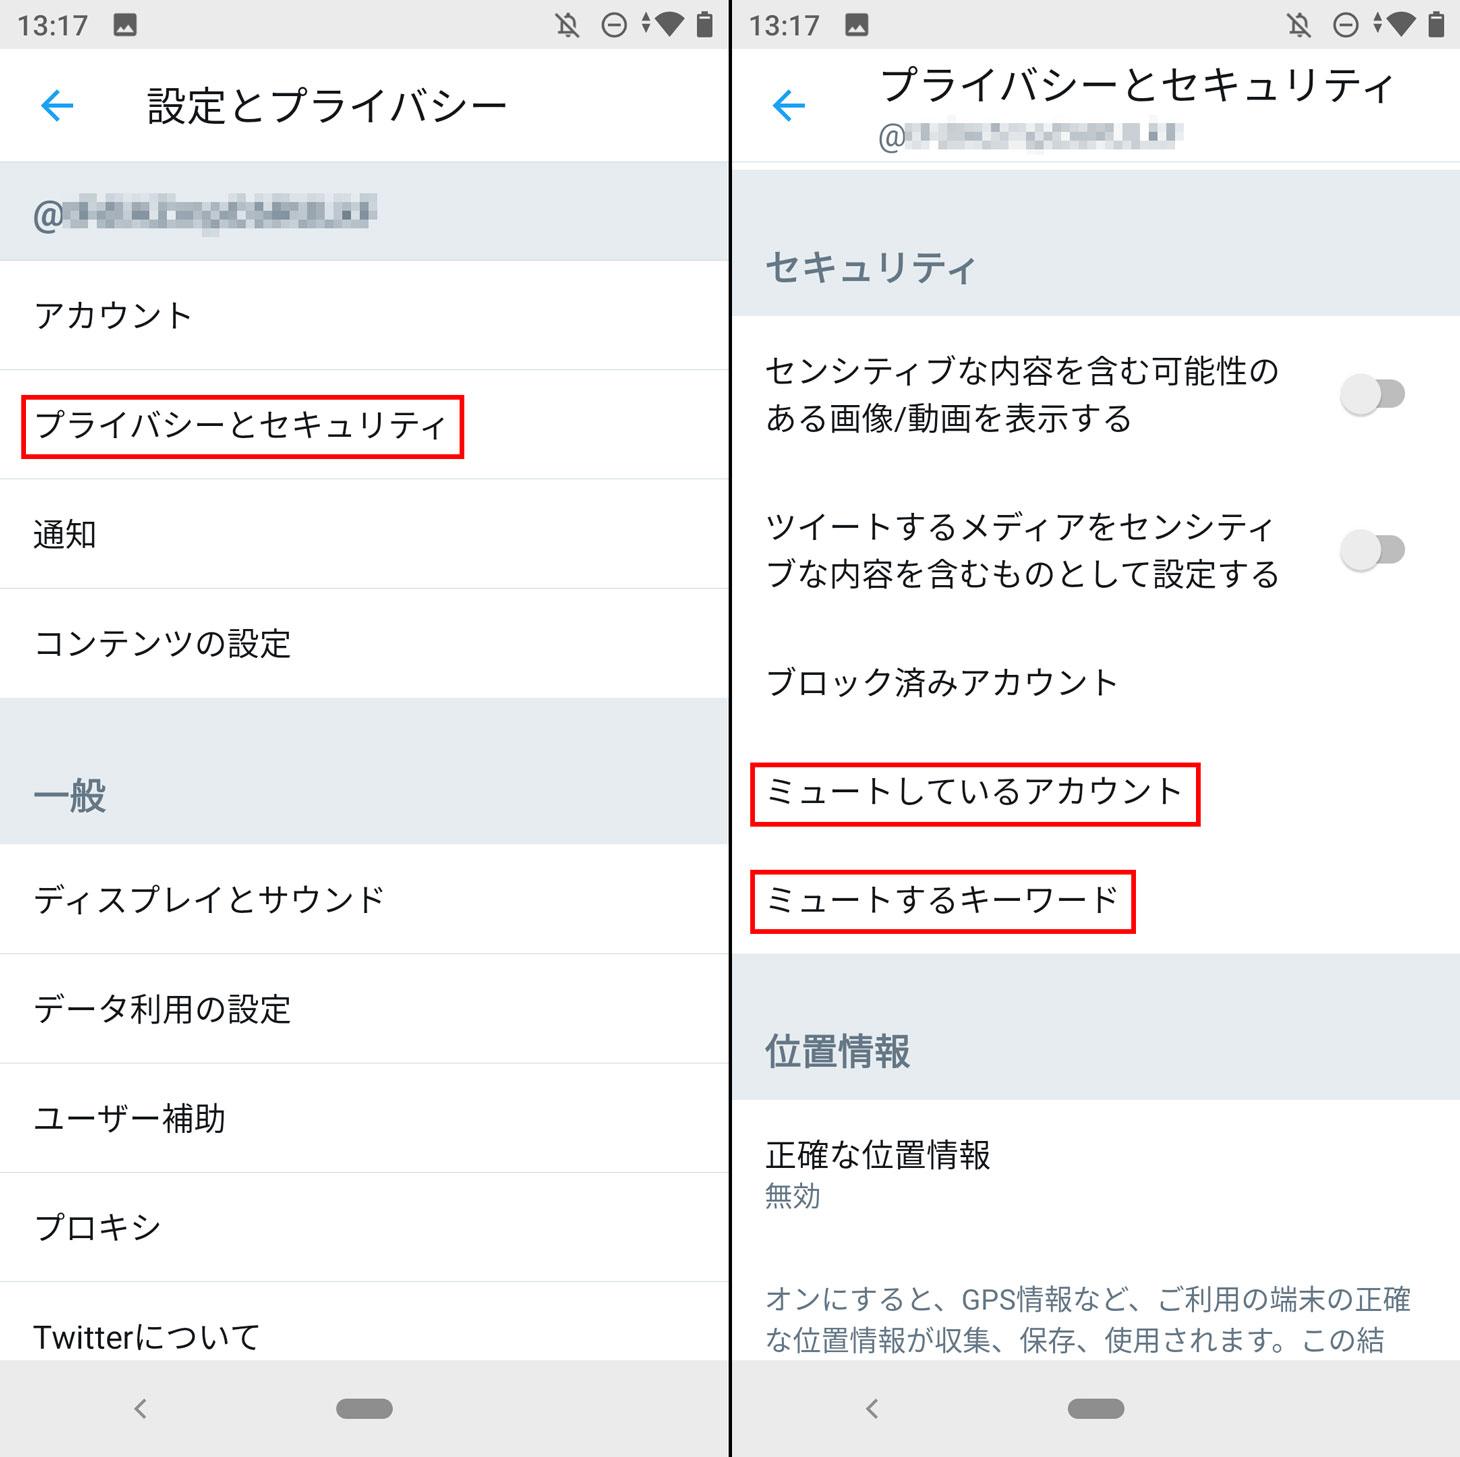 Twitterで自分のタイムラインにスパム広告などが表示されないようにする方法